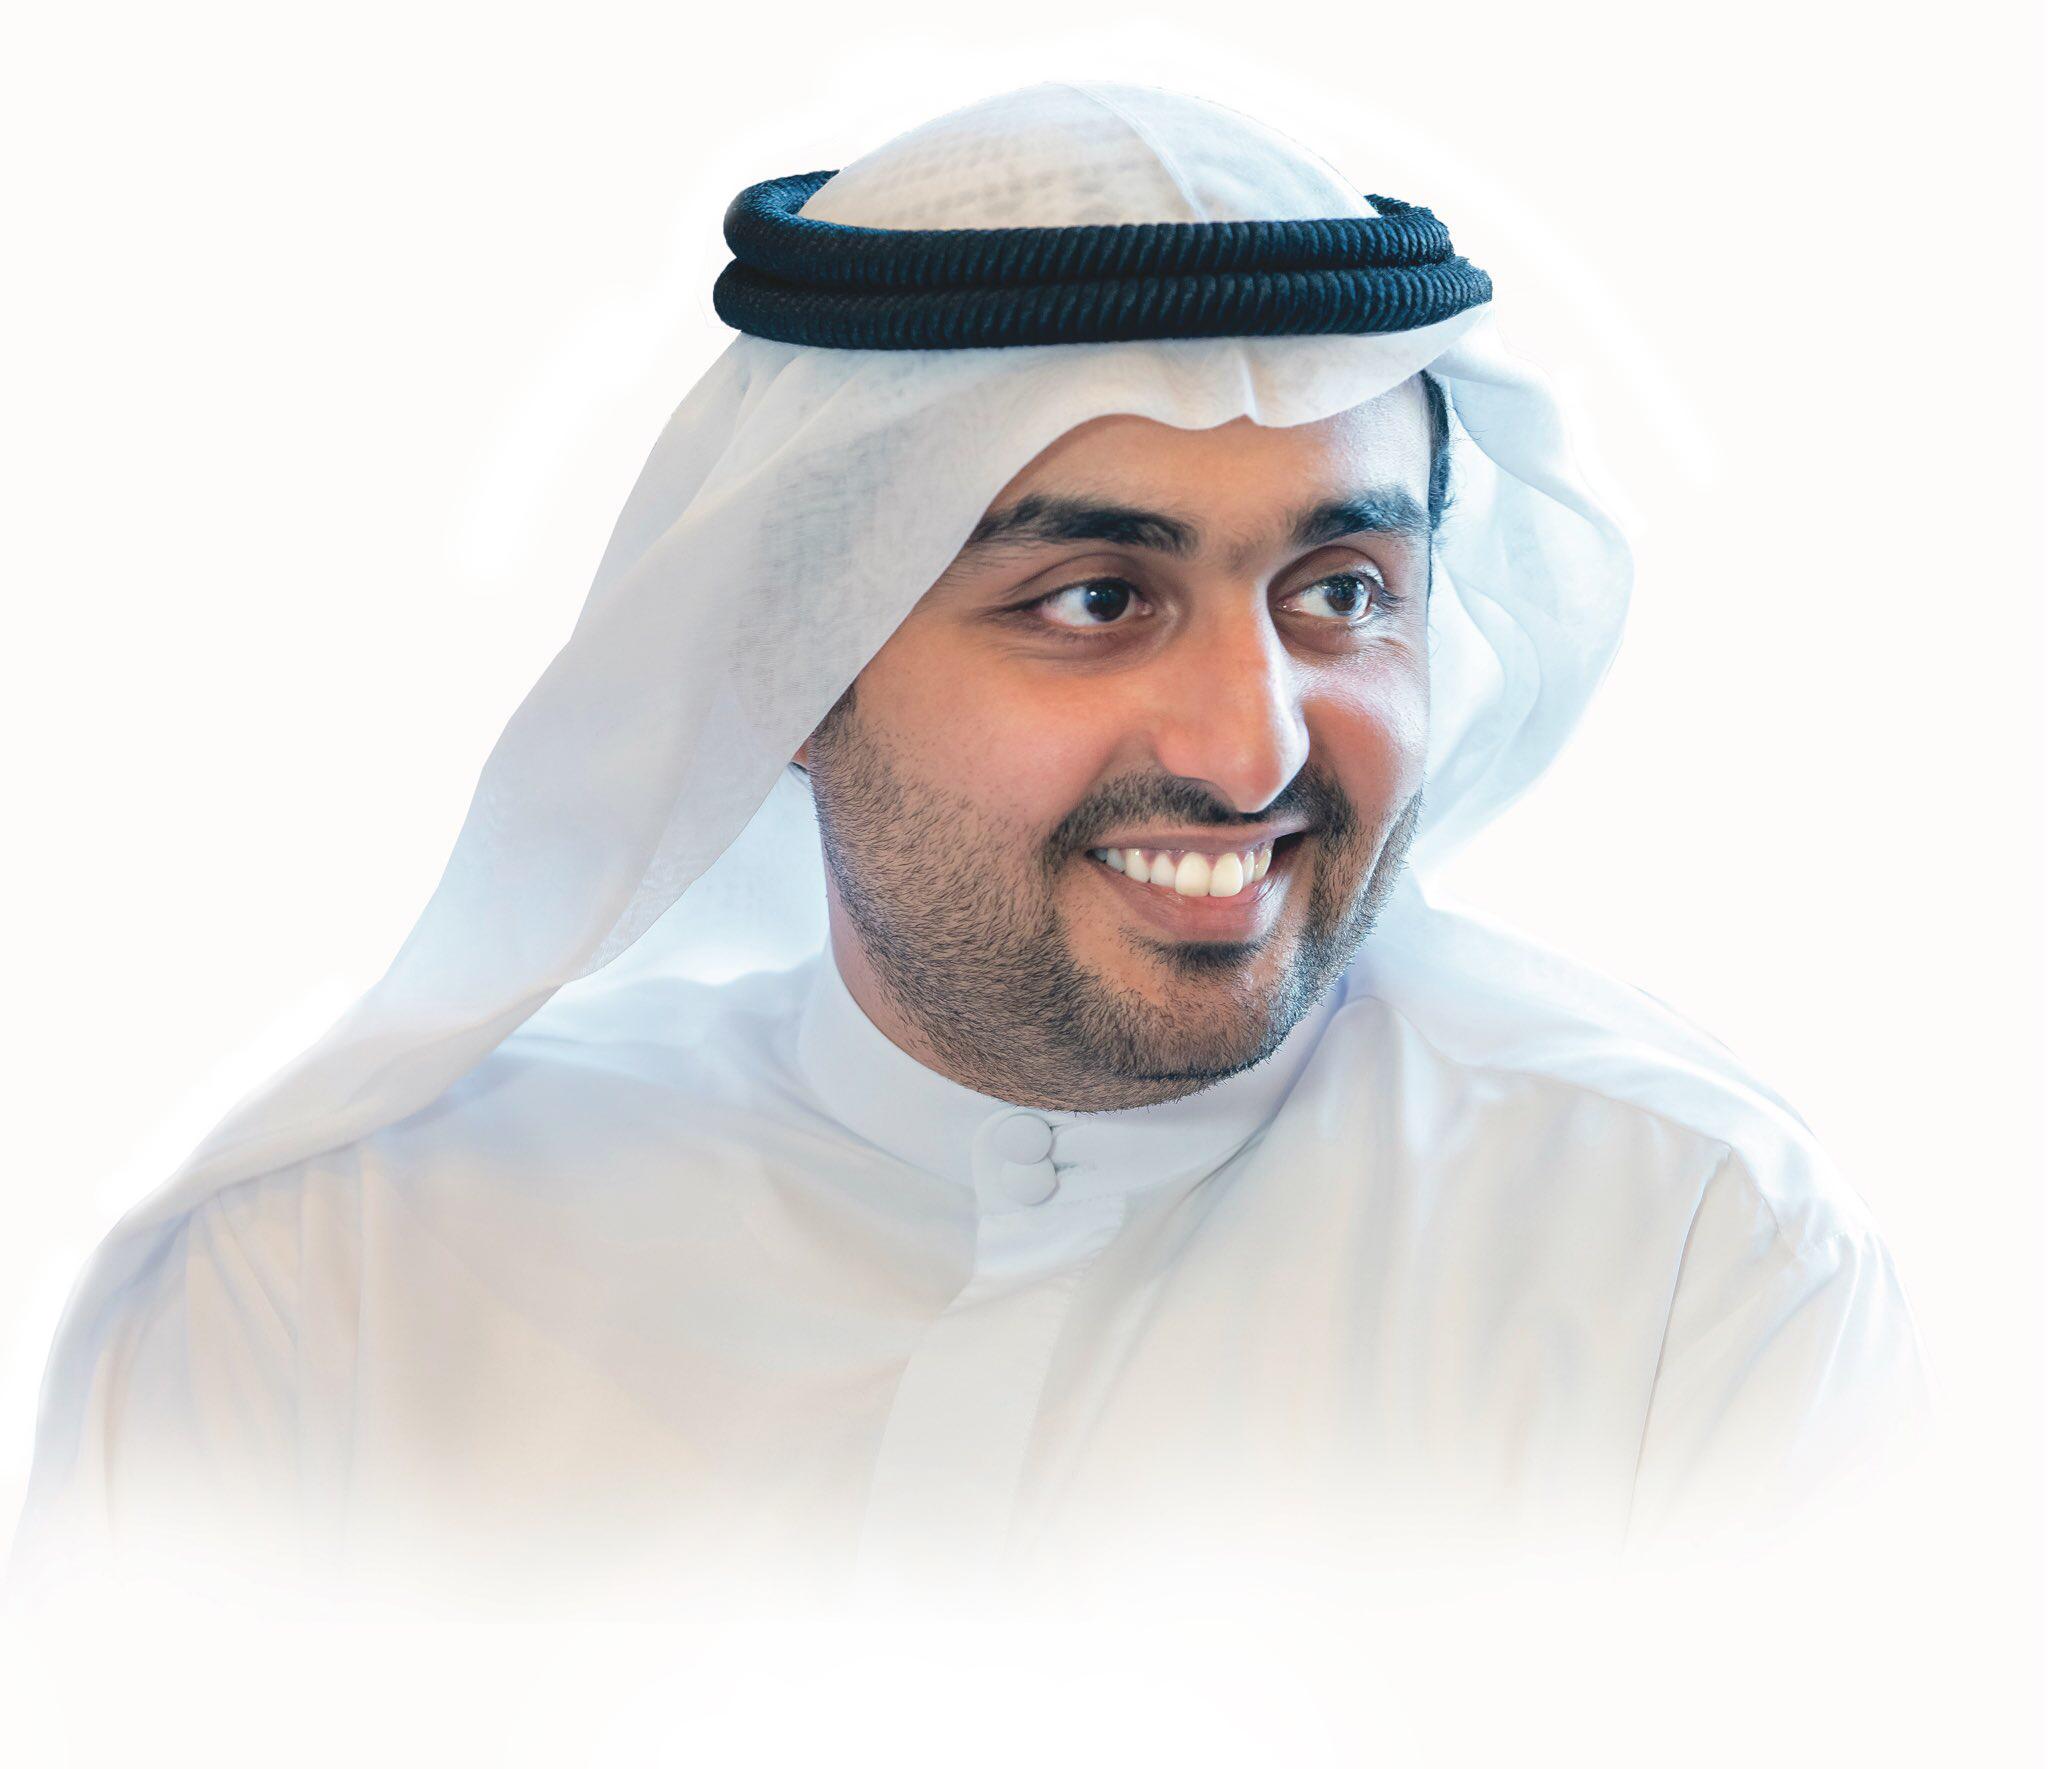 صورة جائزة الشيخ راشد بن حمد الشرقي تستمر في تلقي المشاركات حتي 1 ديسمبر